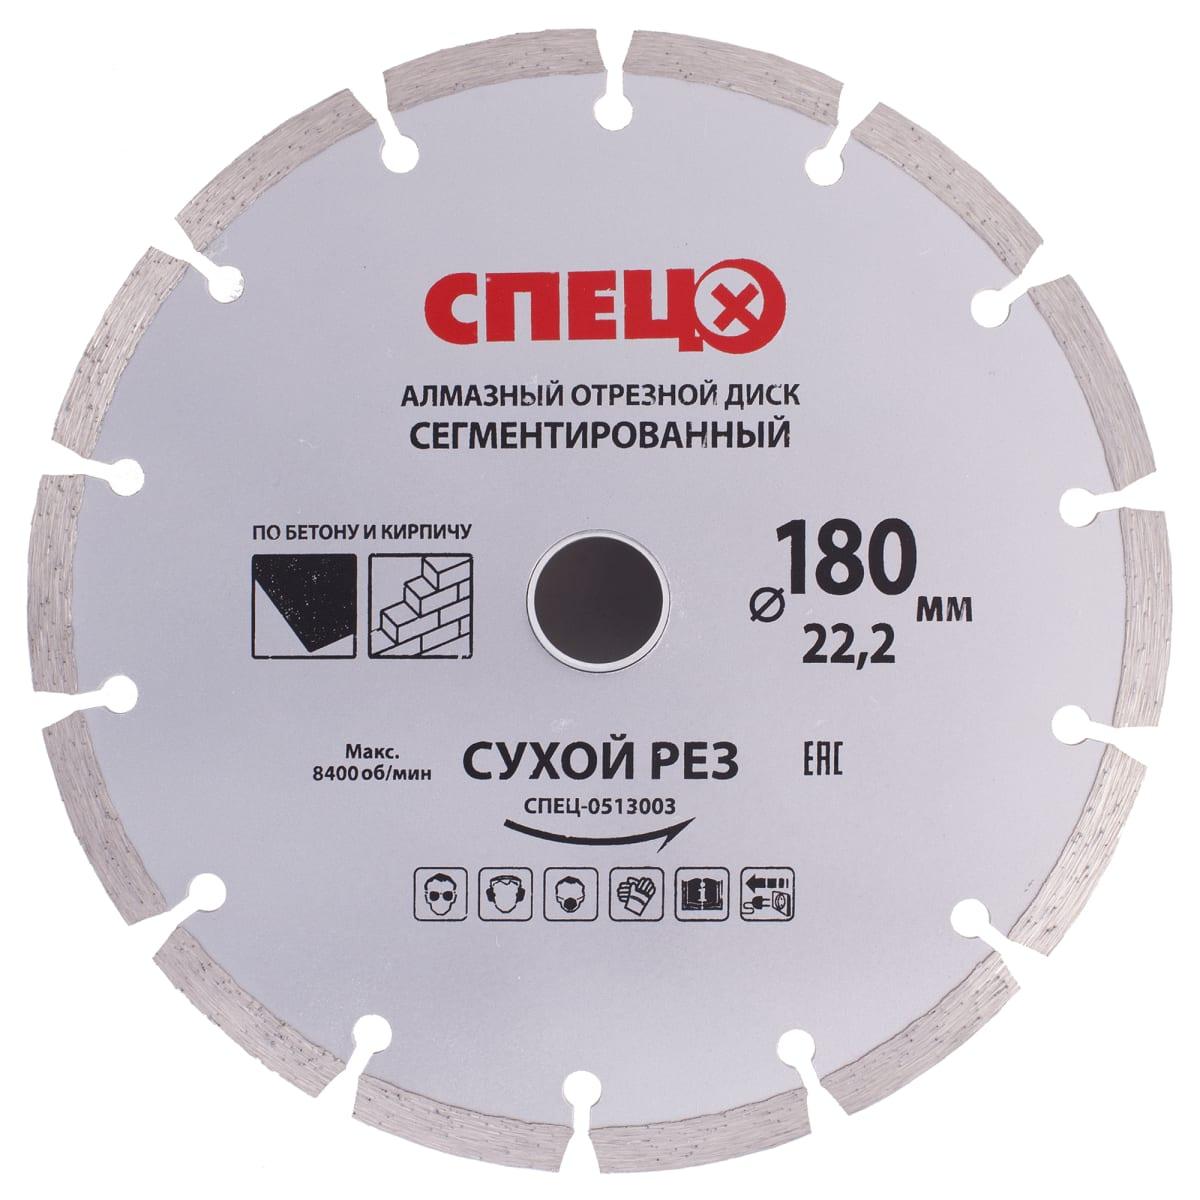 Купить диск по бетону для болгарки в леруа мерлен методы определения подвижности и жесткости бетонной смеси